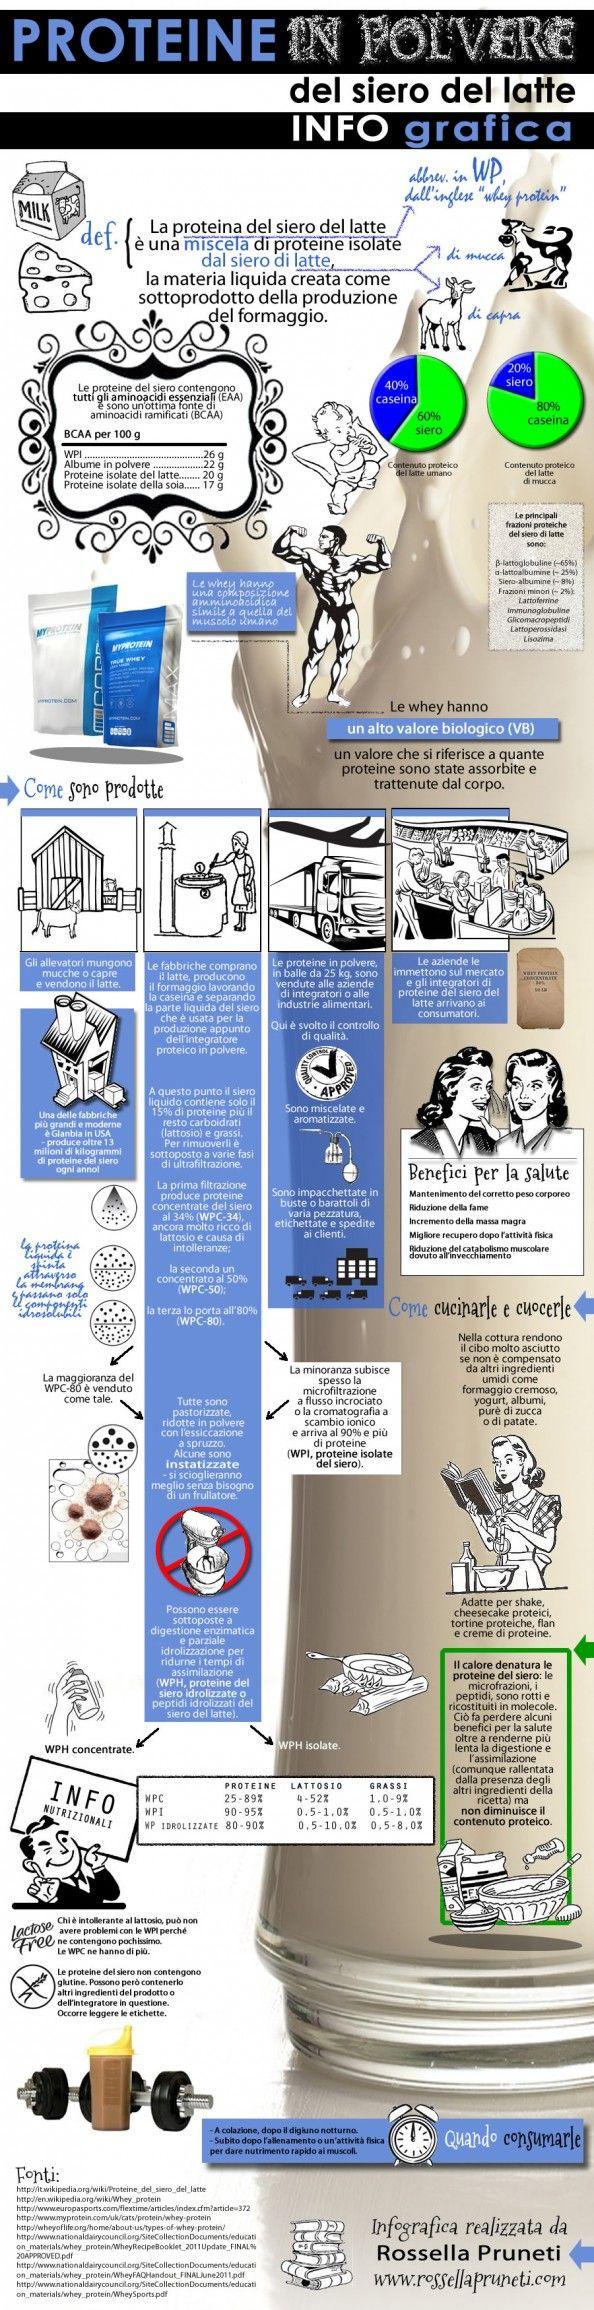 Proteine in polvere del siero del latte Infographic